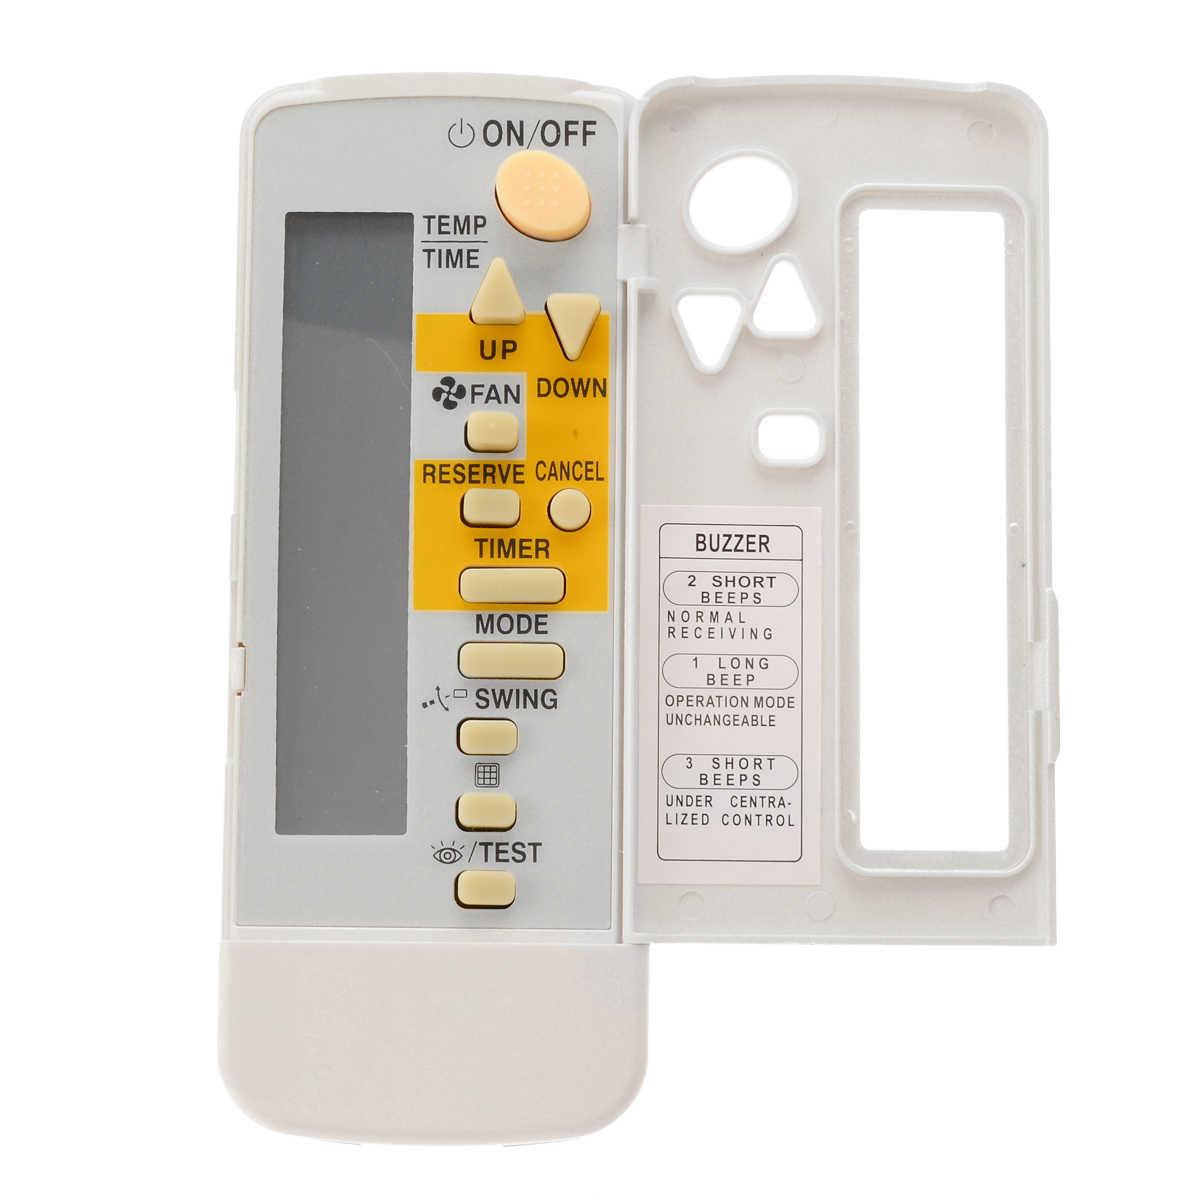 QHKS Mandos a Distancia BRC4C151 de Control Remoto for DAIKIN Brc4c152 Brc4c155 Brc4c158 AC Aire Acondicionado Color : Blanco